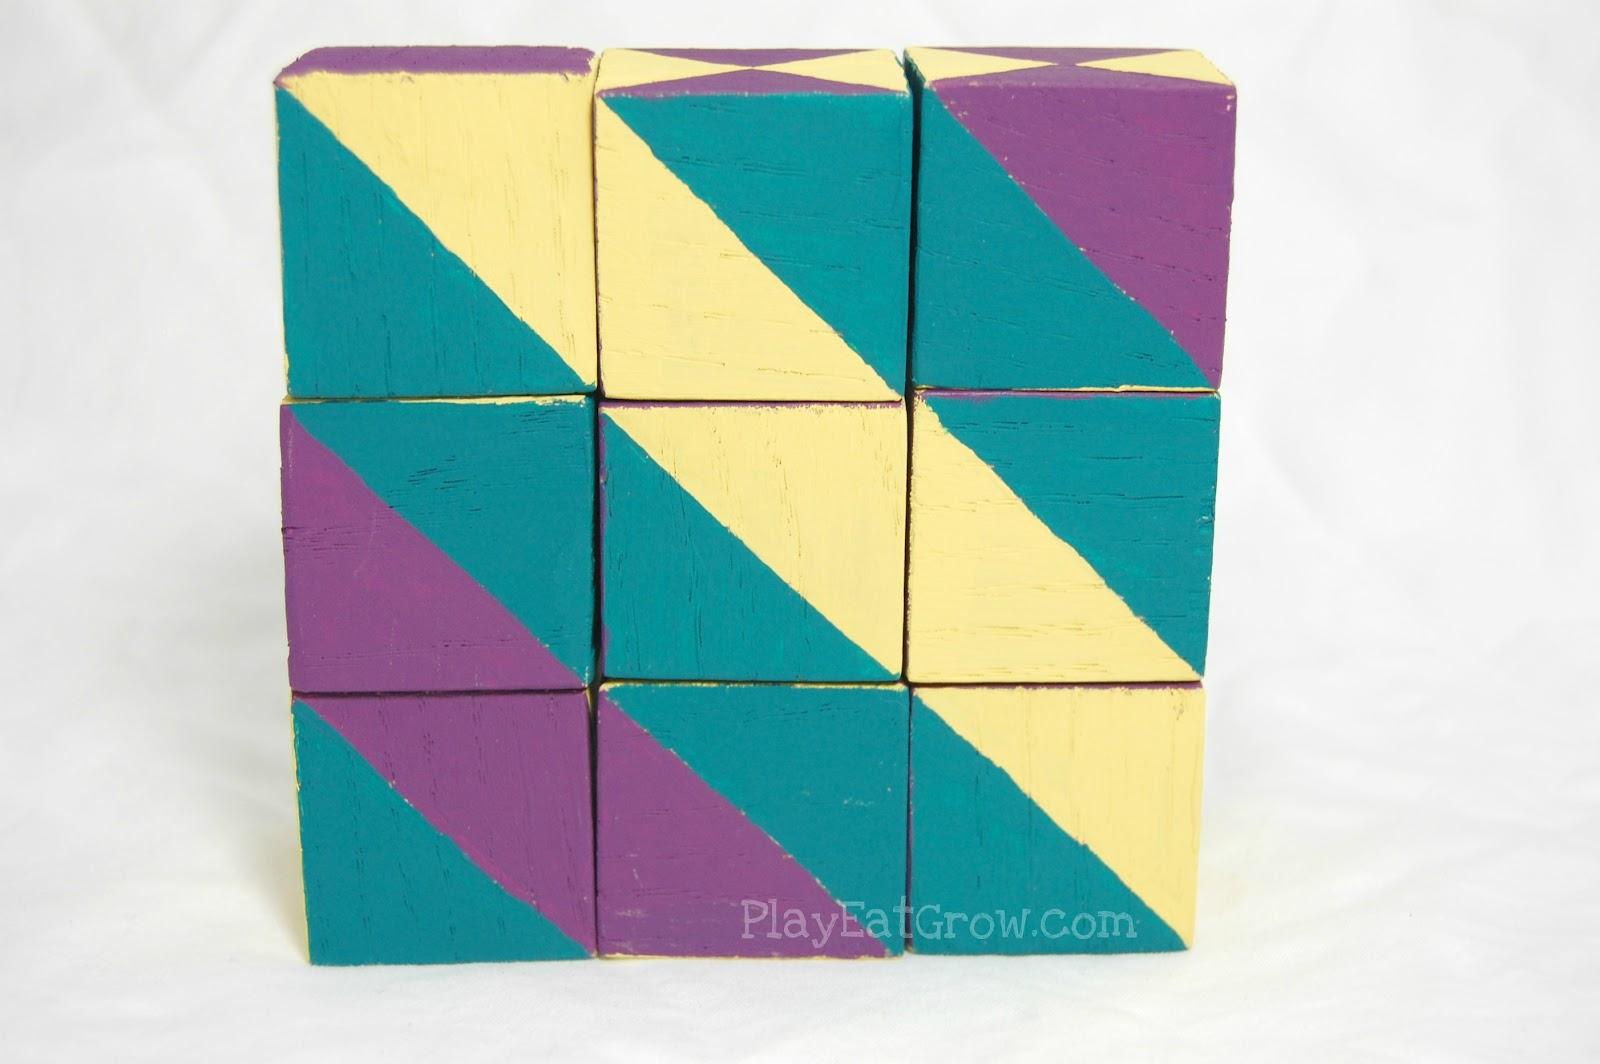 Кубики для детей своими руками